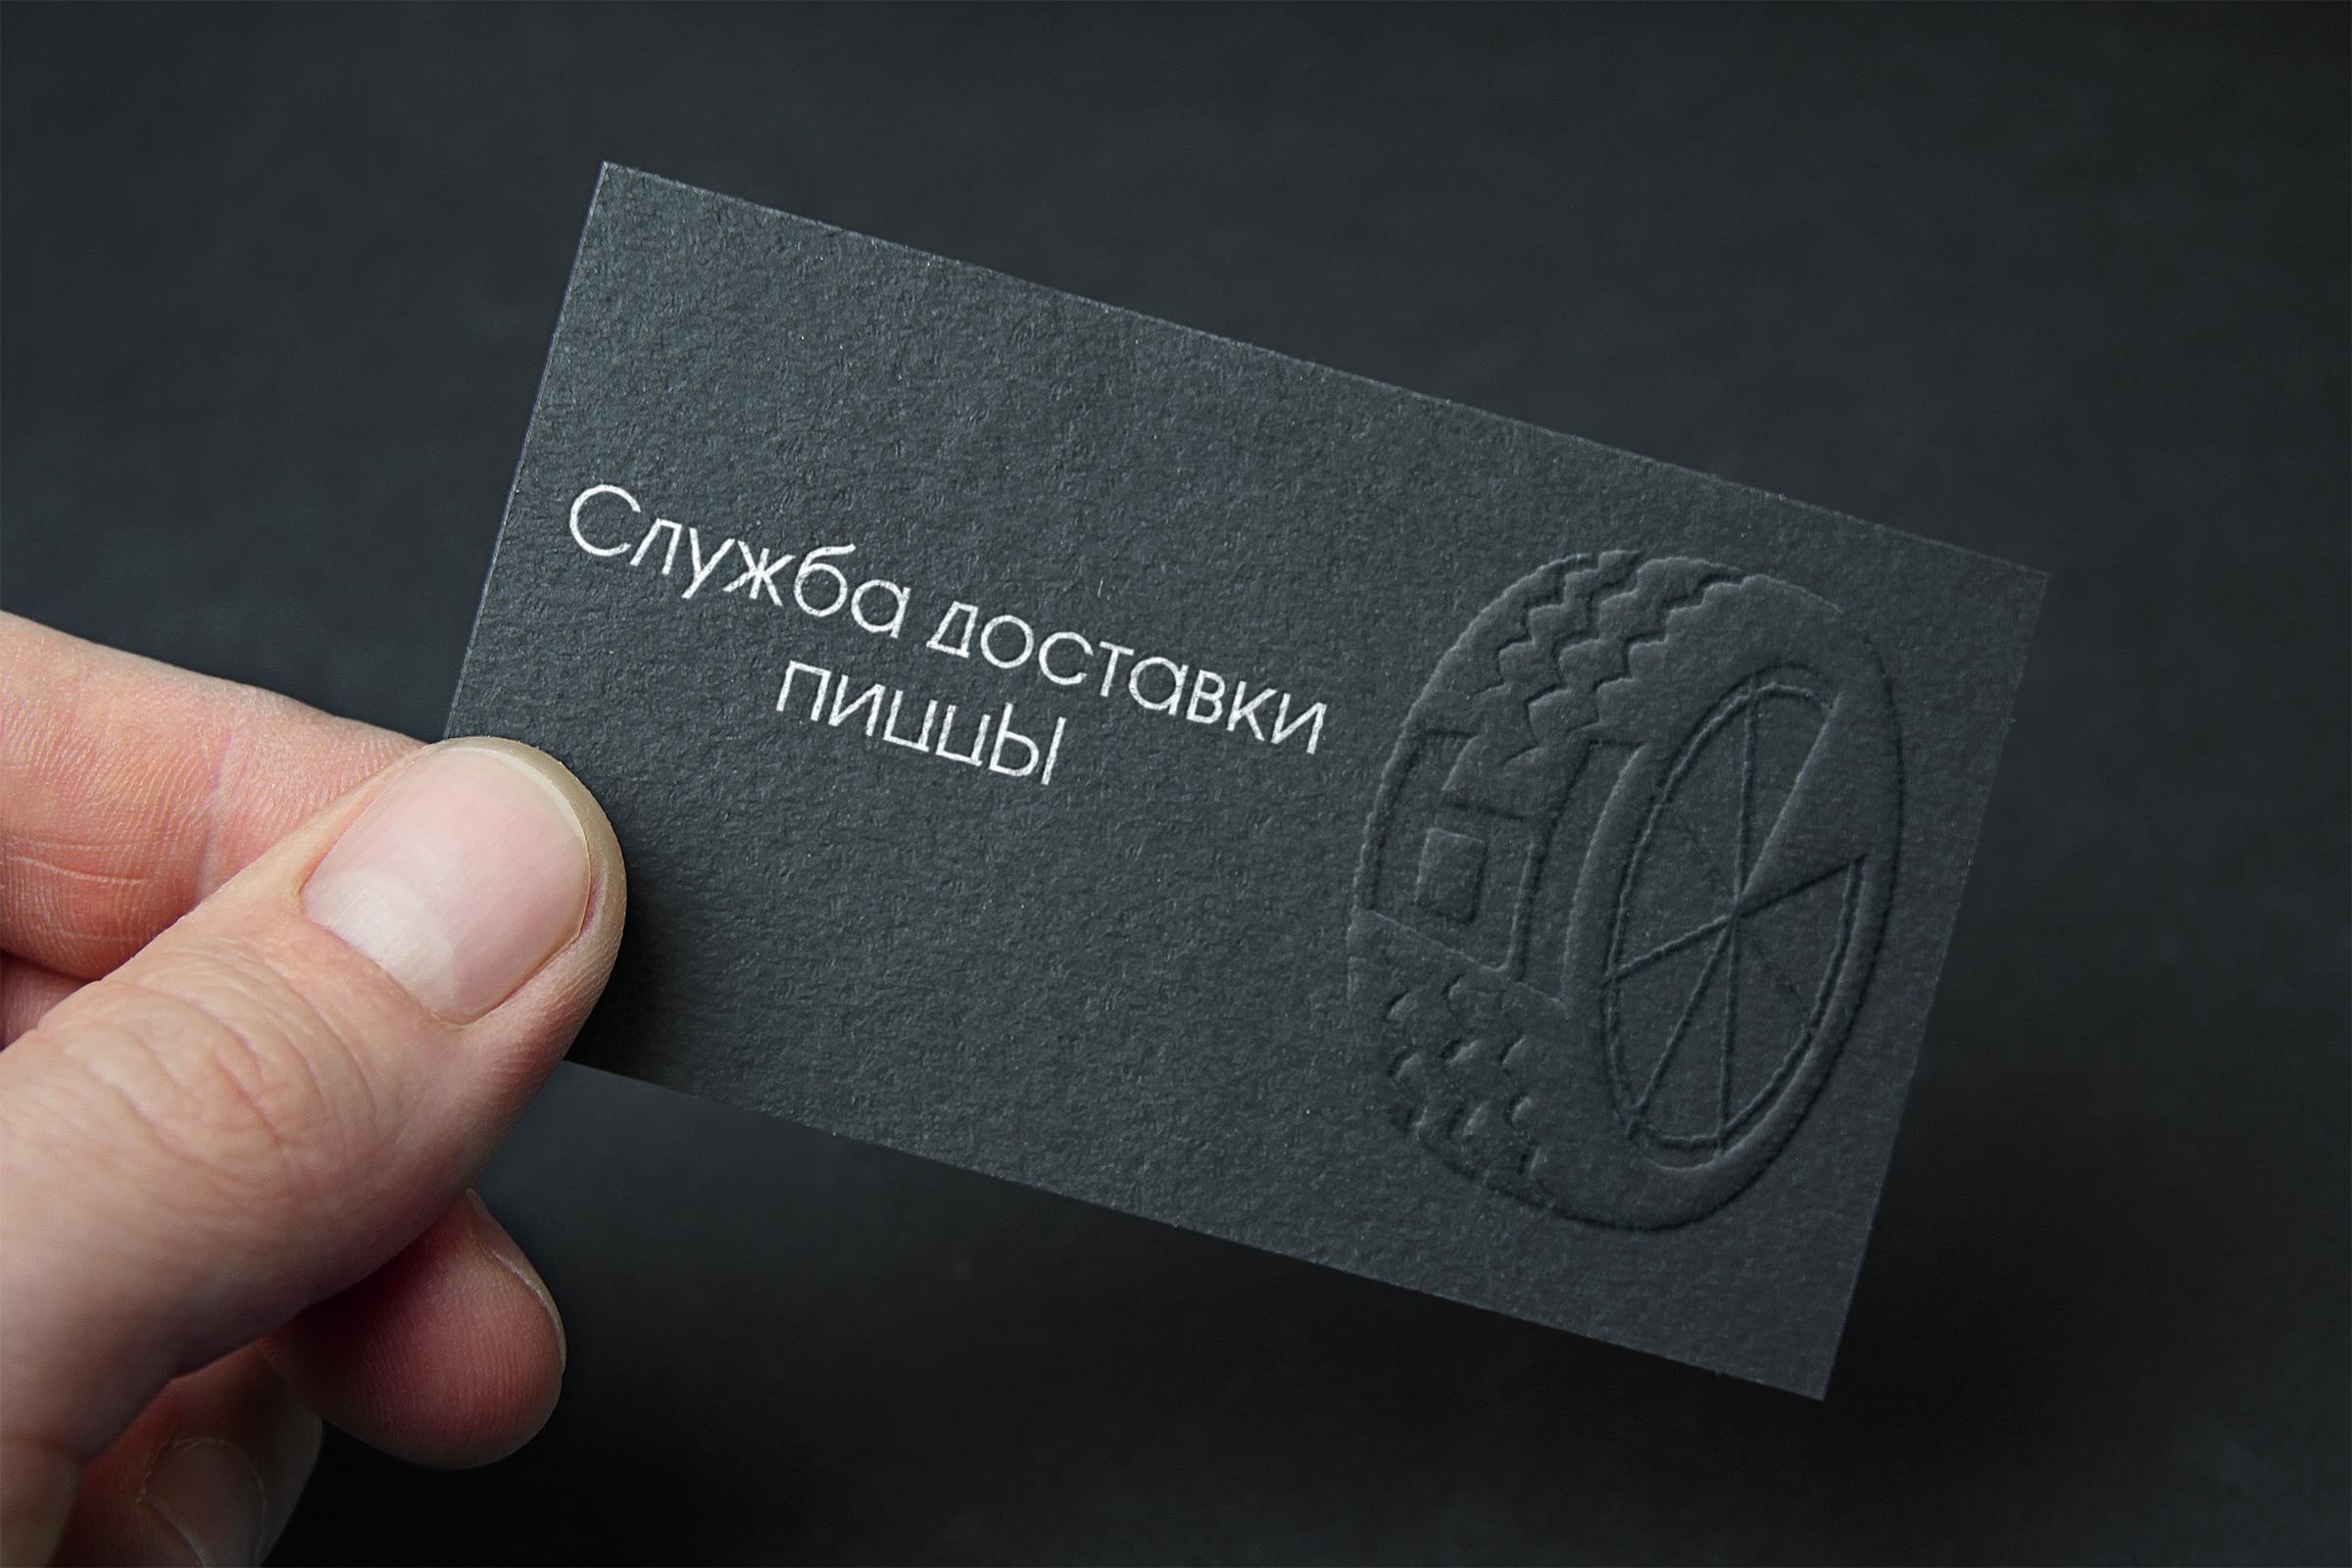 Разыскивается дизайнер для разработки лого службы доставки фото f_7415c34dbd61d10d.jpg